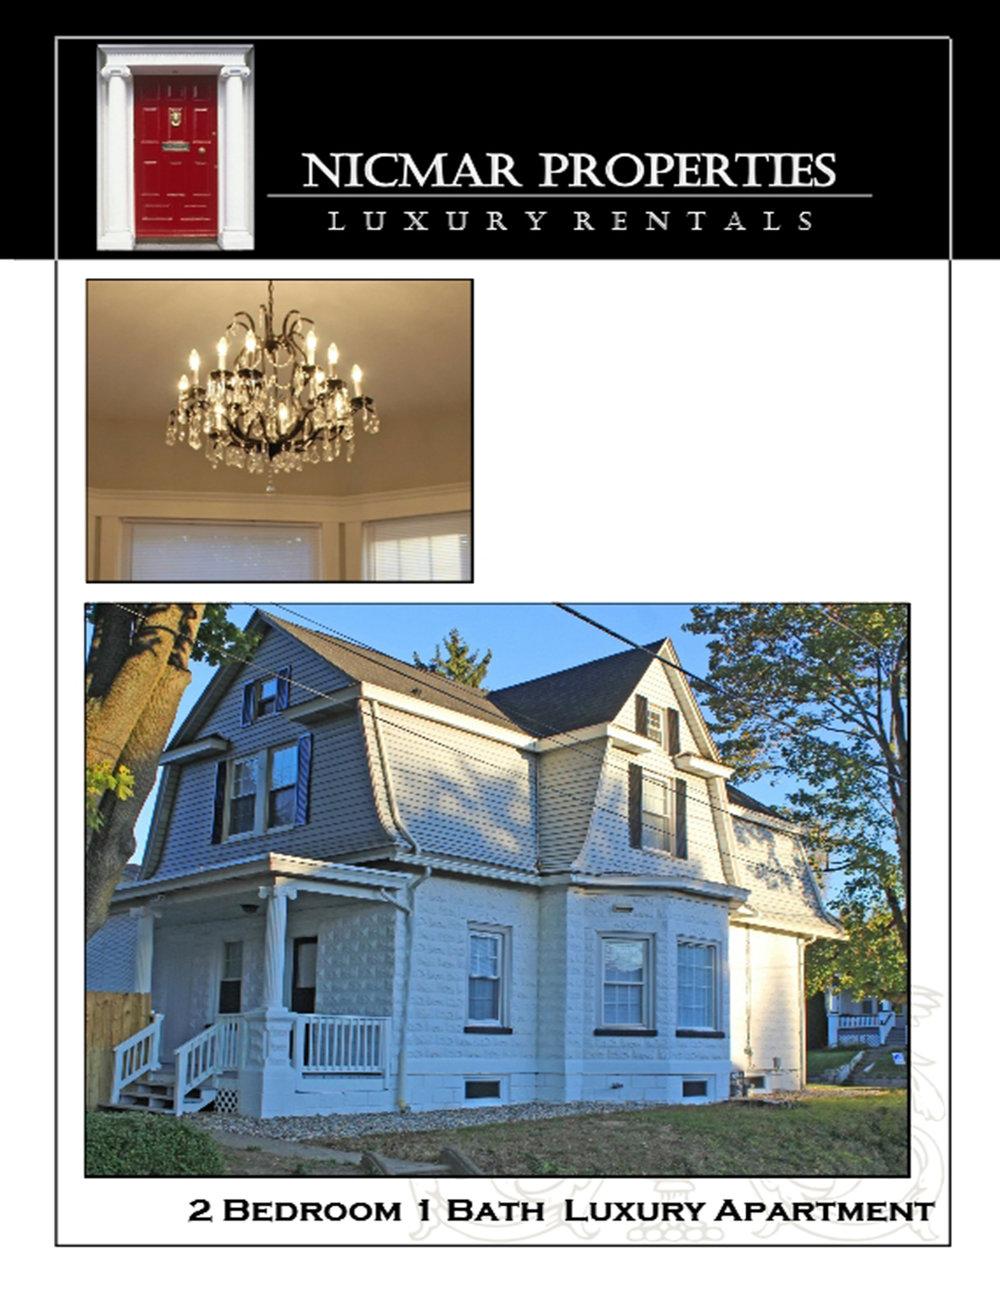 NicMar Luxury Rentals 13 Pic01.jpg